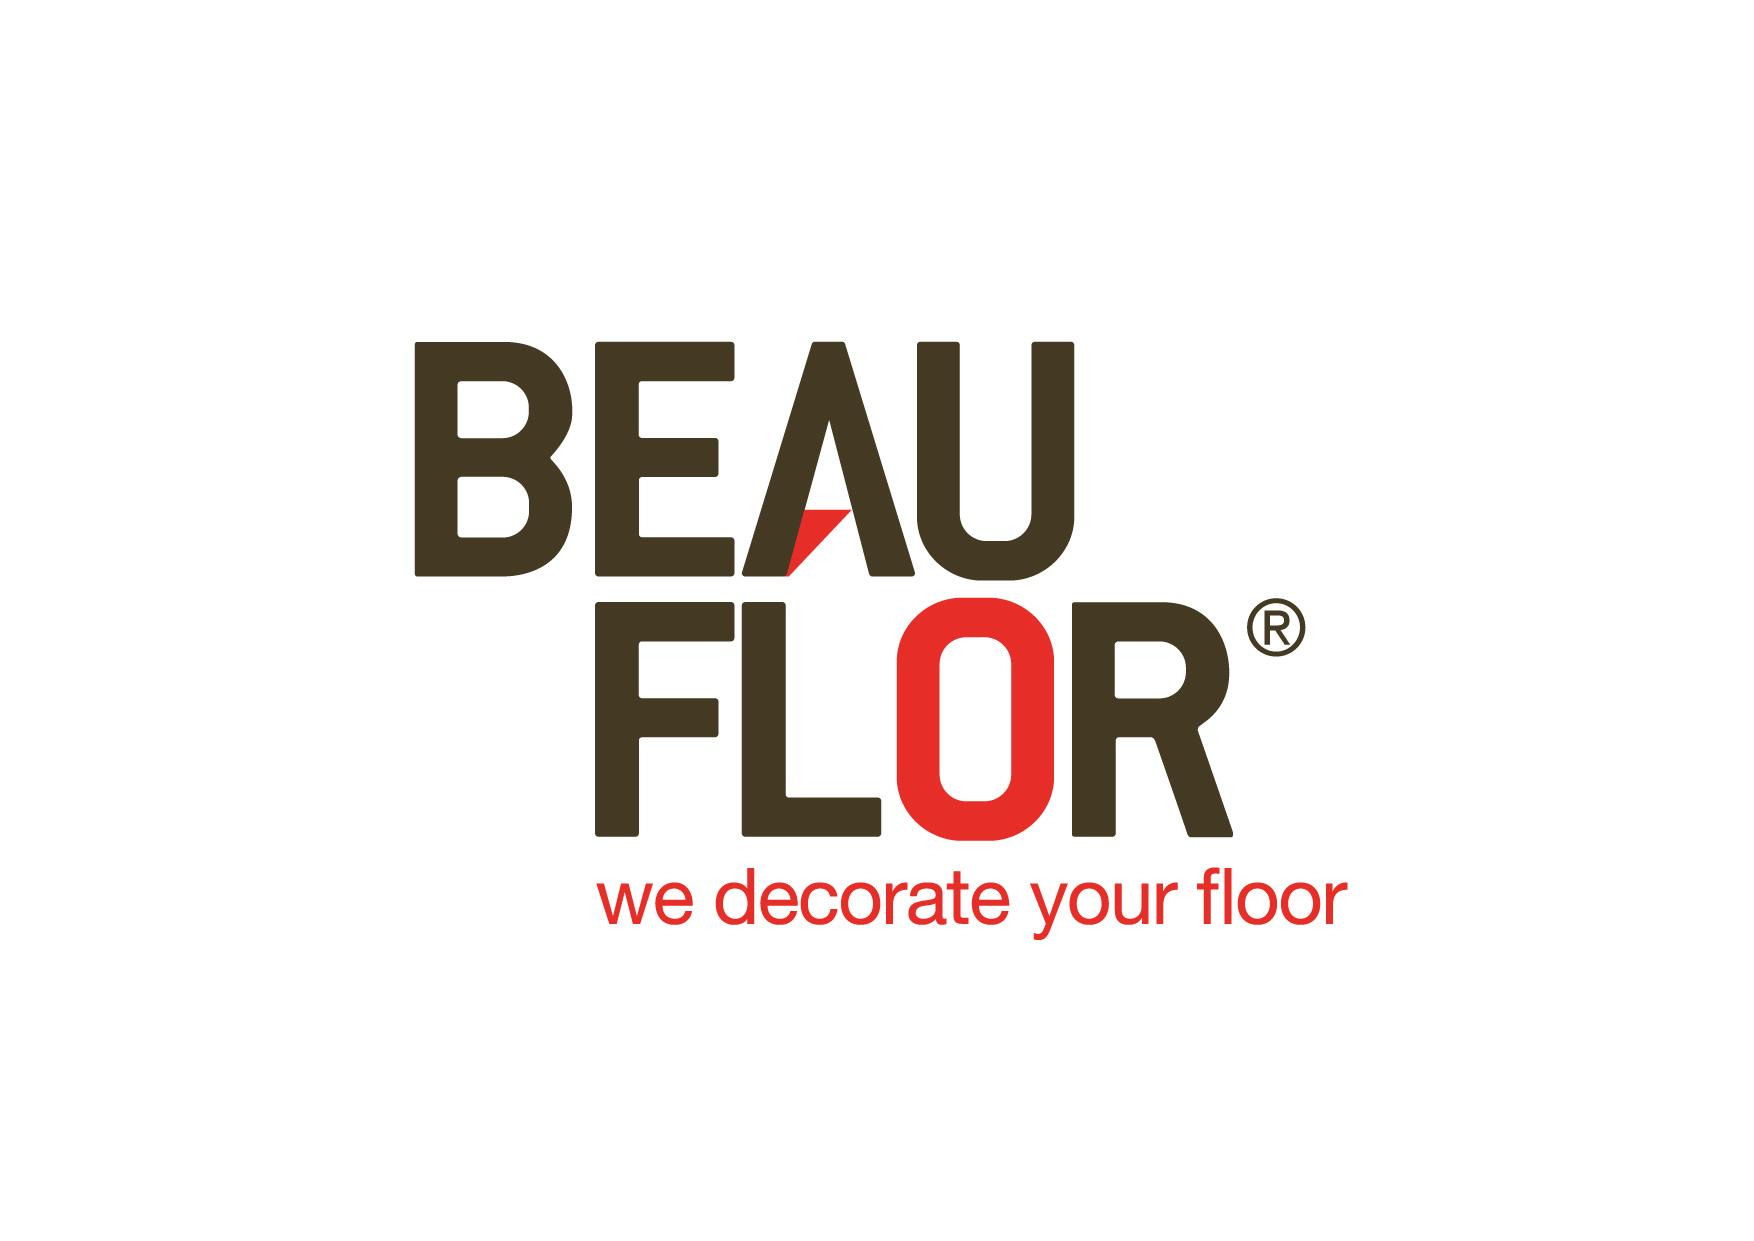 https://covialsa.com/wp-content/uploads/2019/12/logos_marca_covialsa_beauflor.jpg